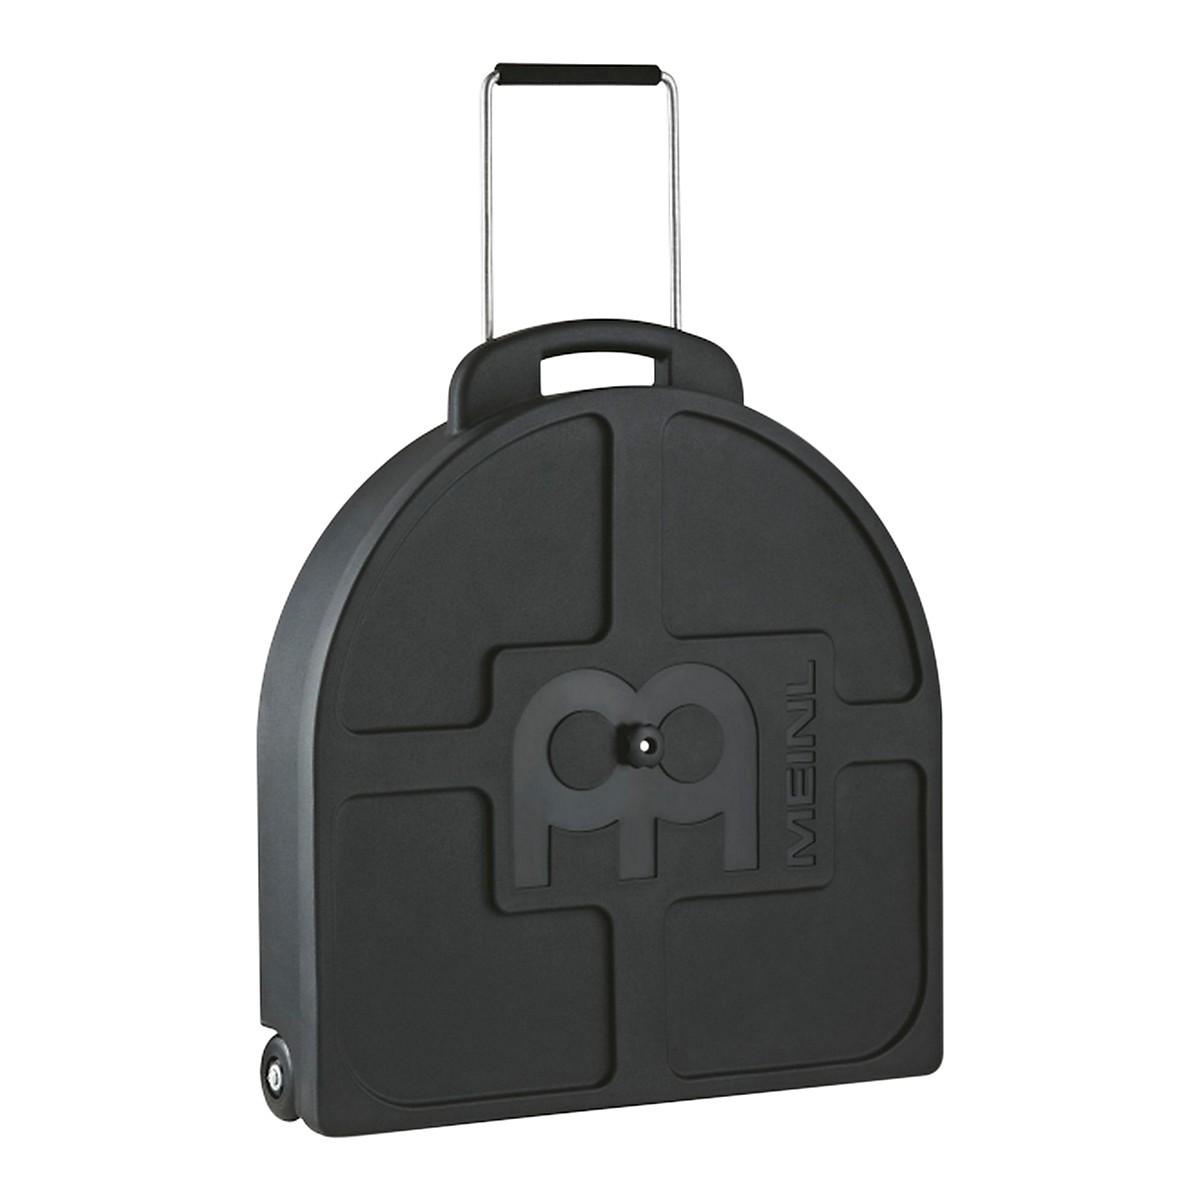 Meinl Professional Cymbal Bag Trolley